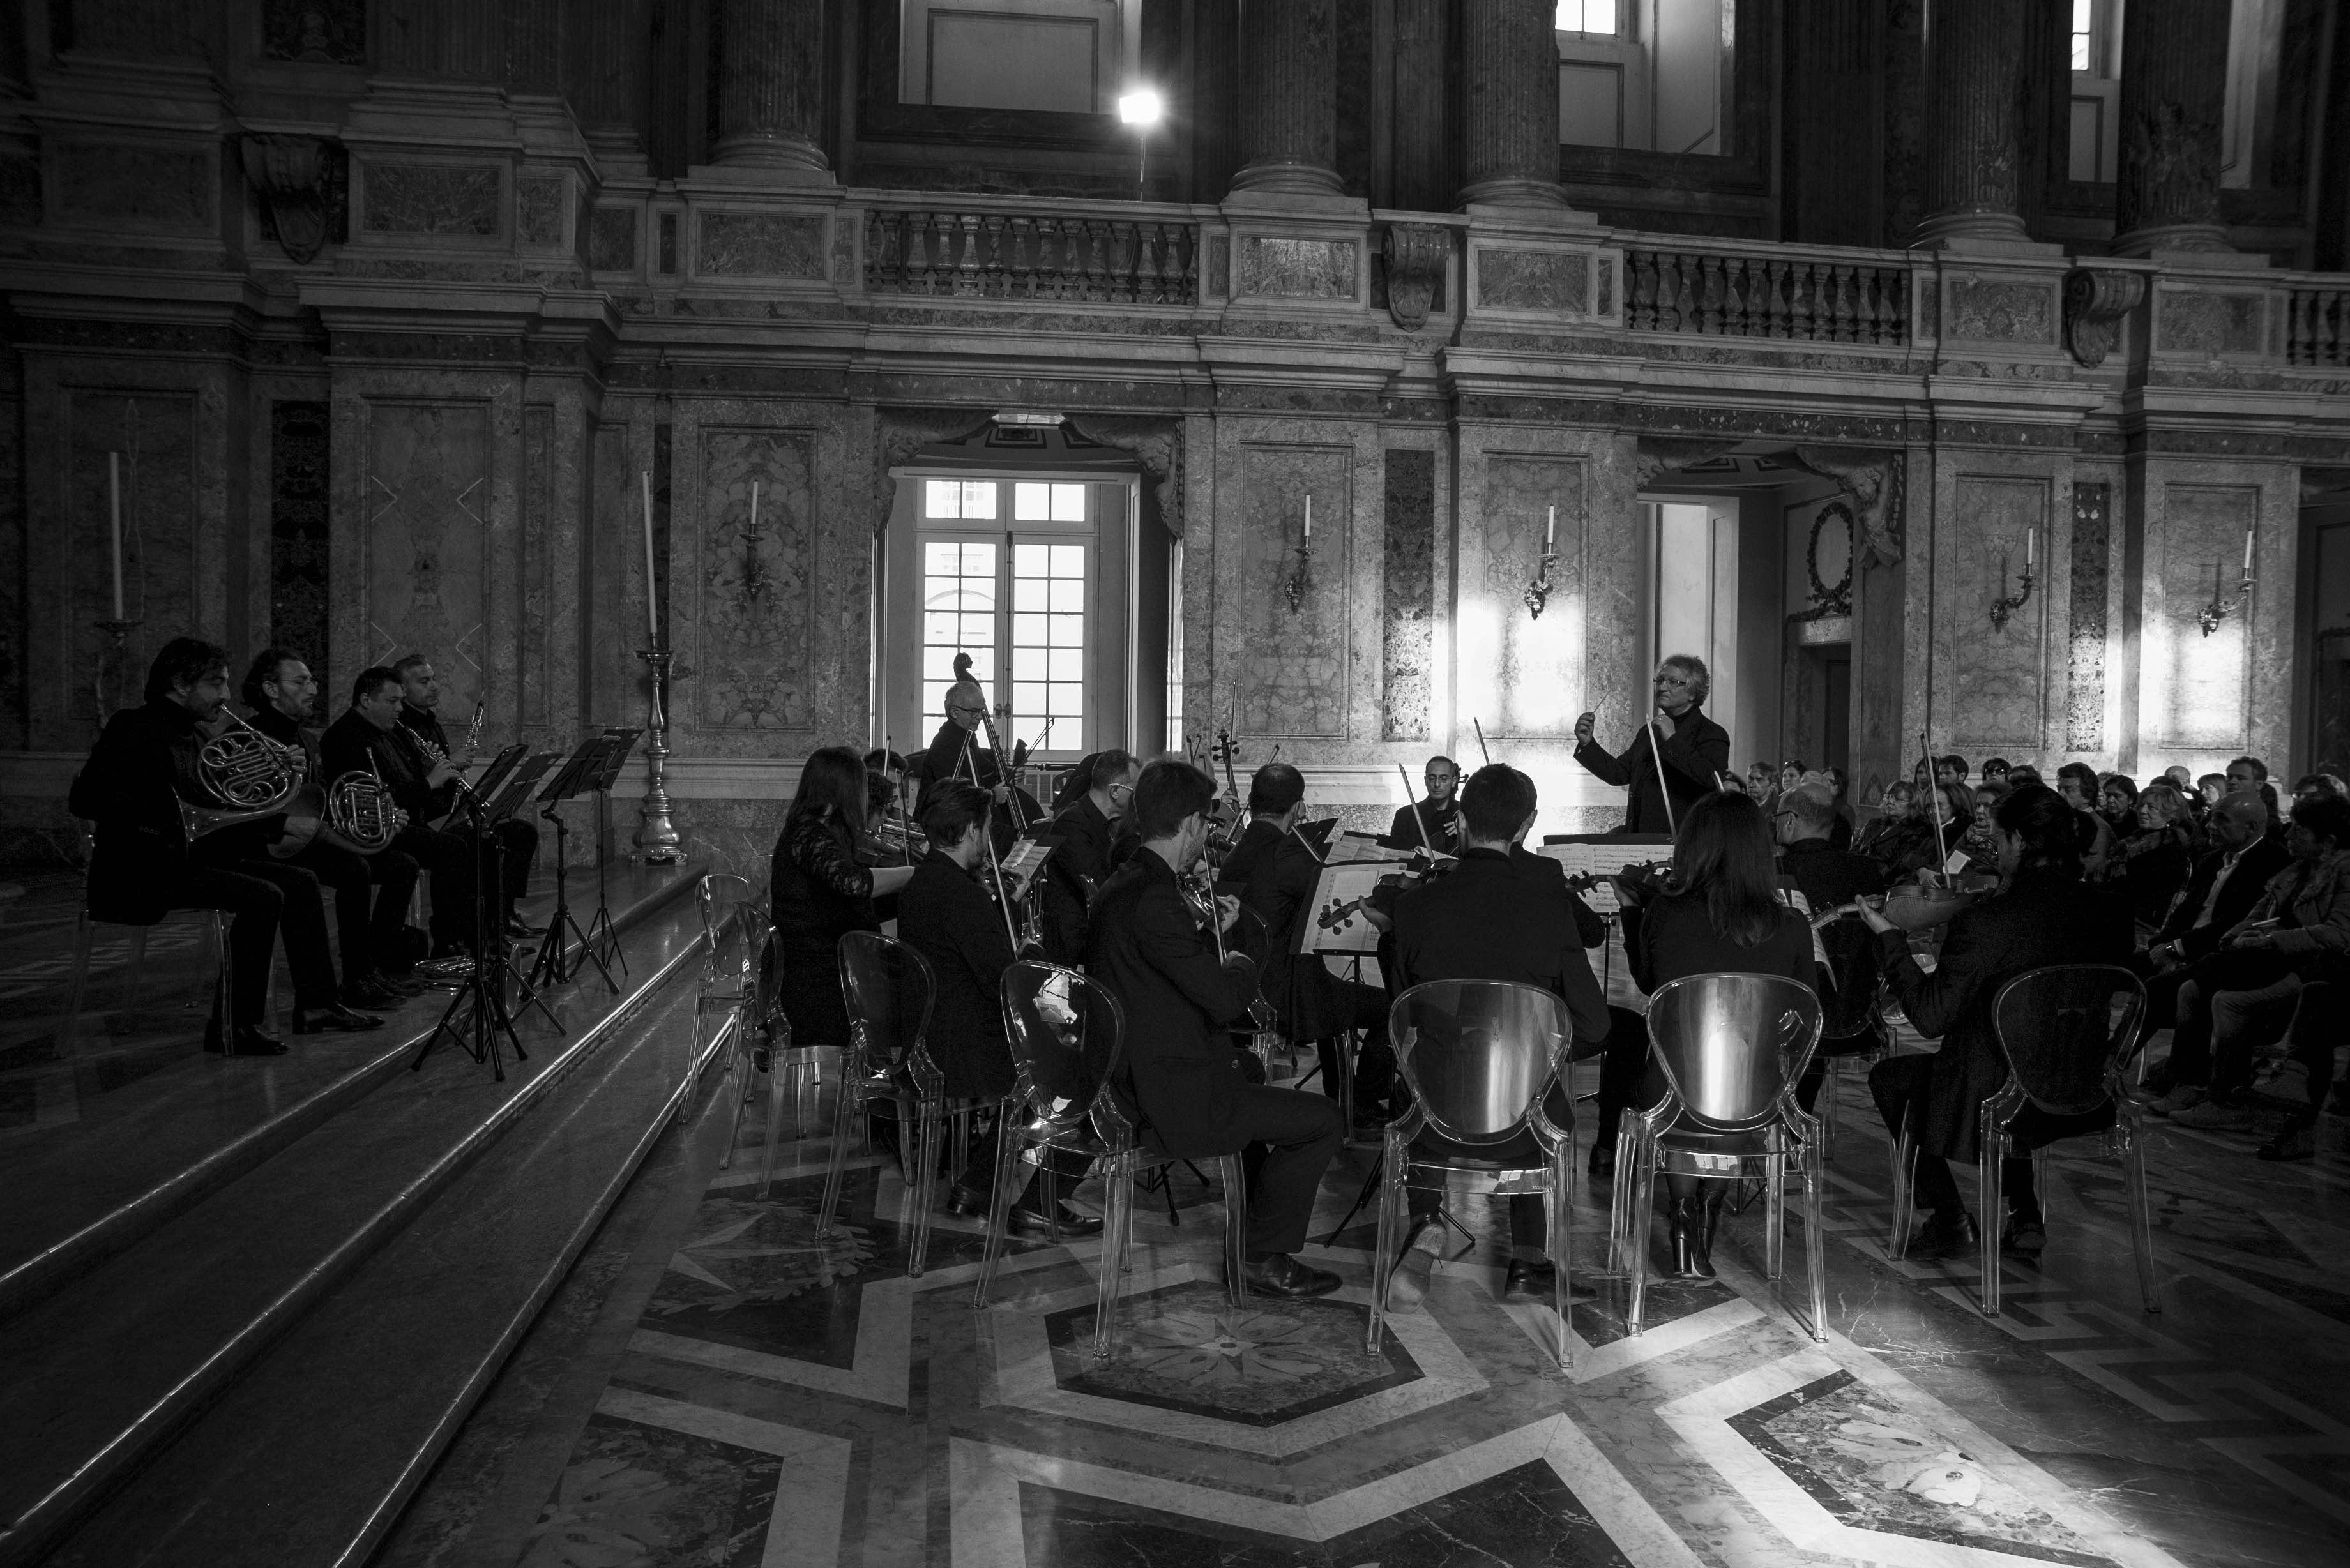 Ritorna l'Orchestra da Camera di Caserta accompagnata da  Erzhan Kulibaev, Juliana Koch e con Antithesis Piano Duo